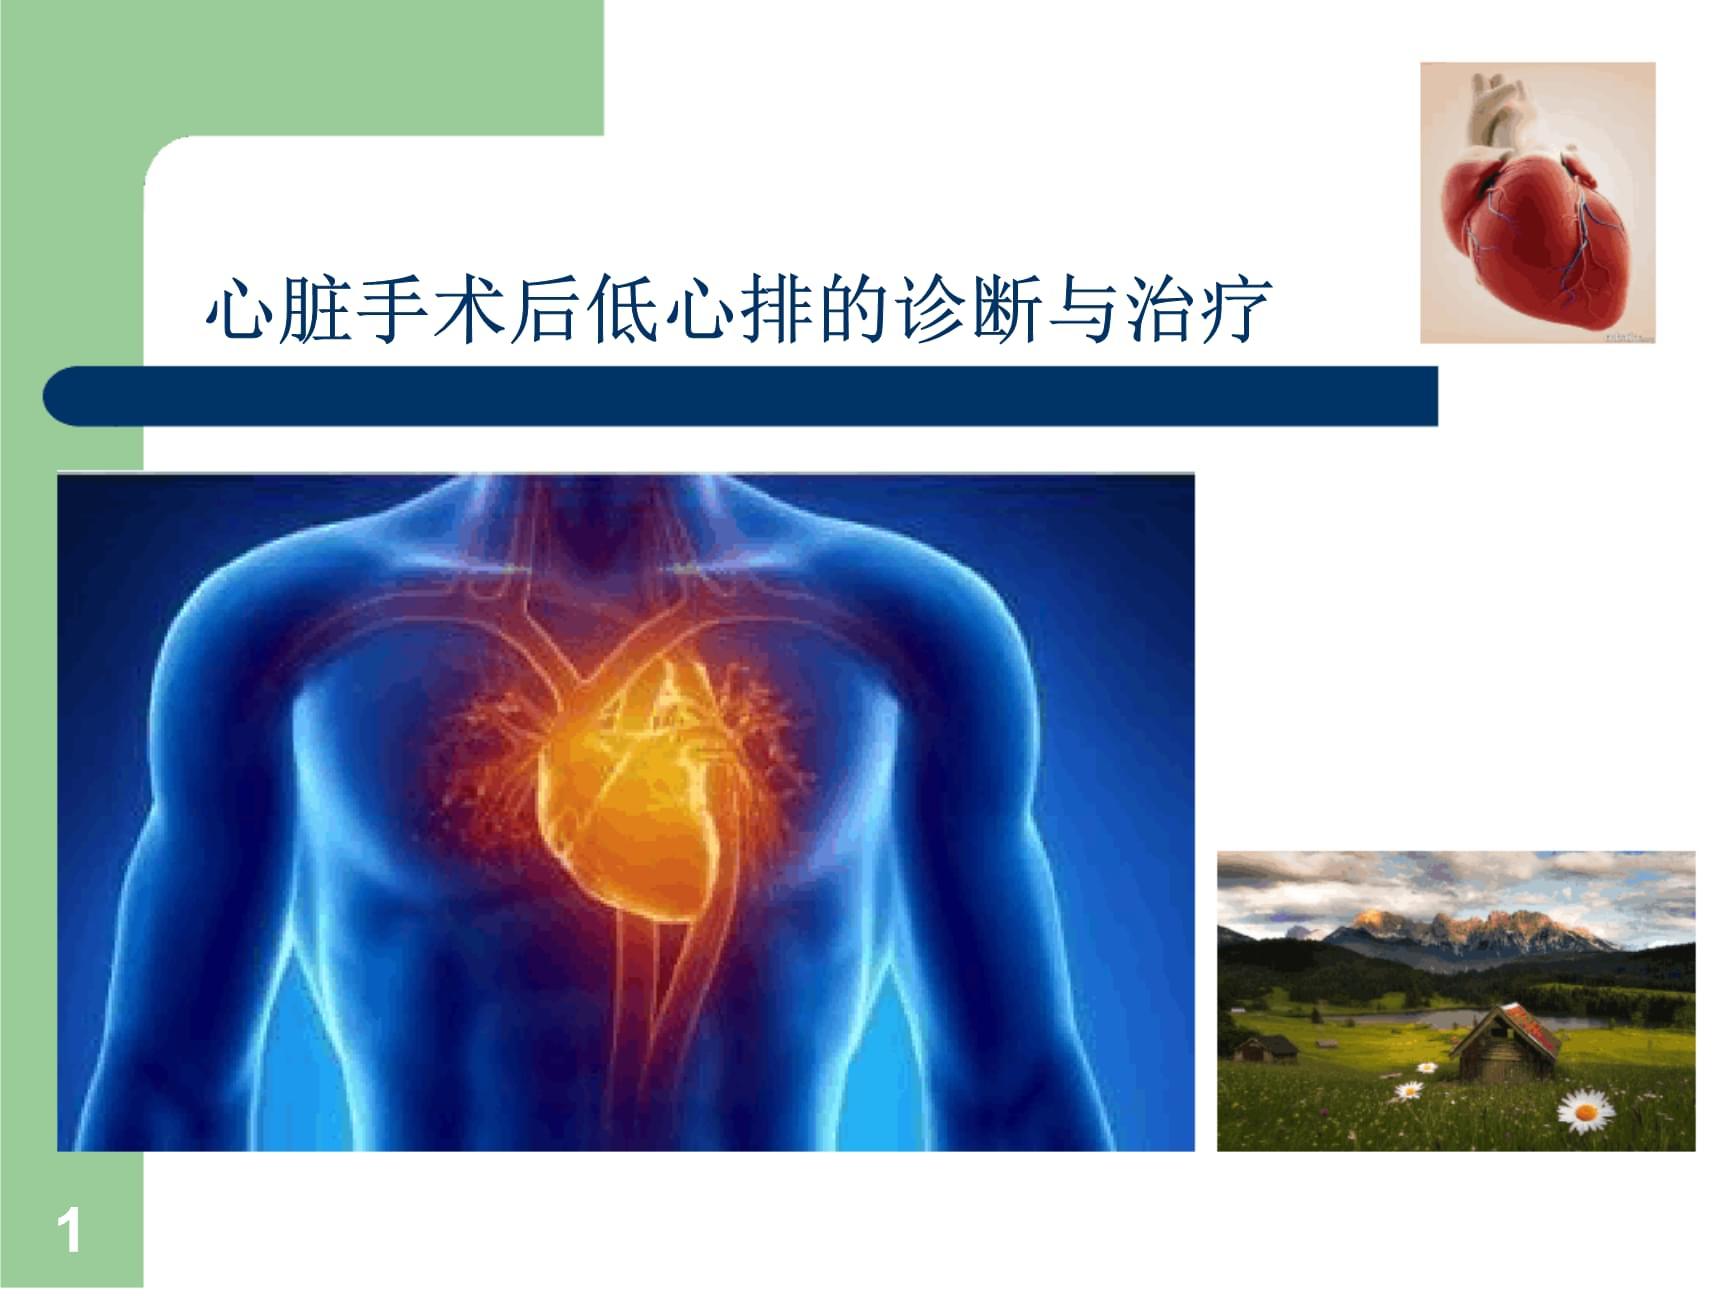 心脏手术后低心排的诊断与治疗PPT课件.ppt